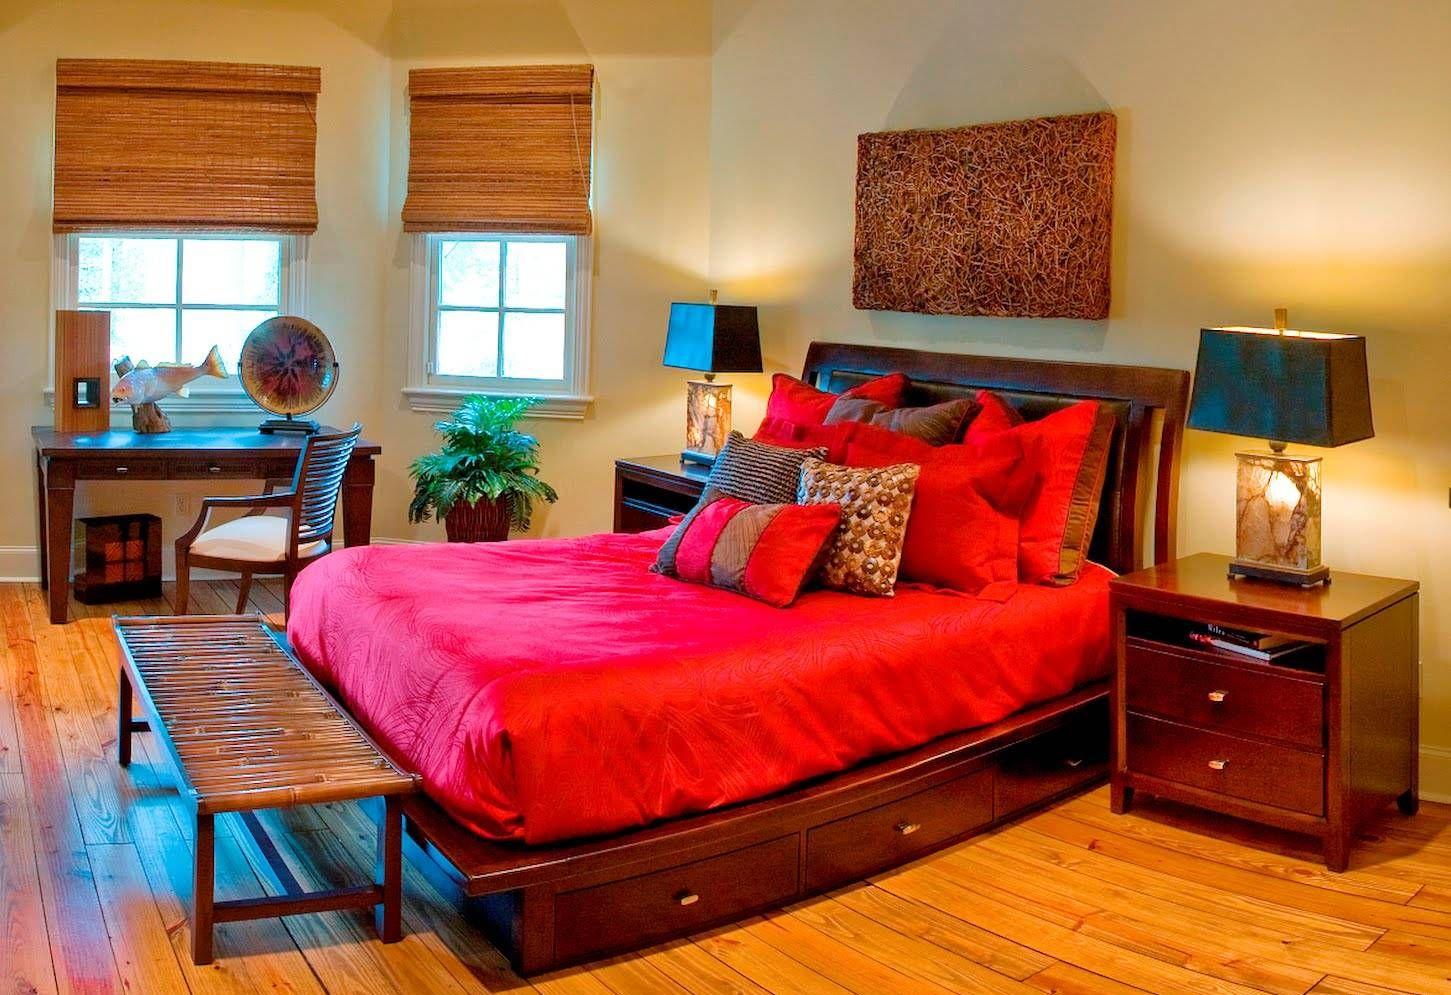 TOP Zece principii Feng Shui pentru dormitorul tau!